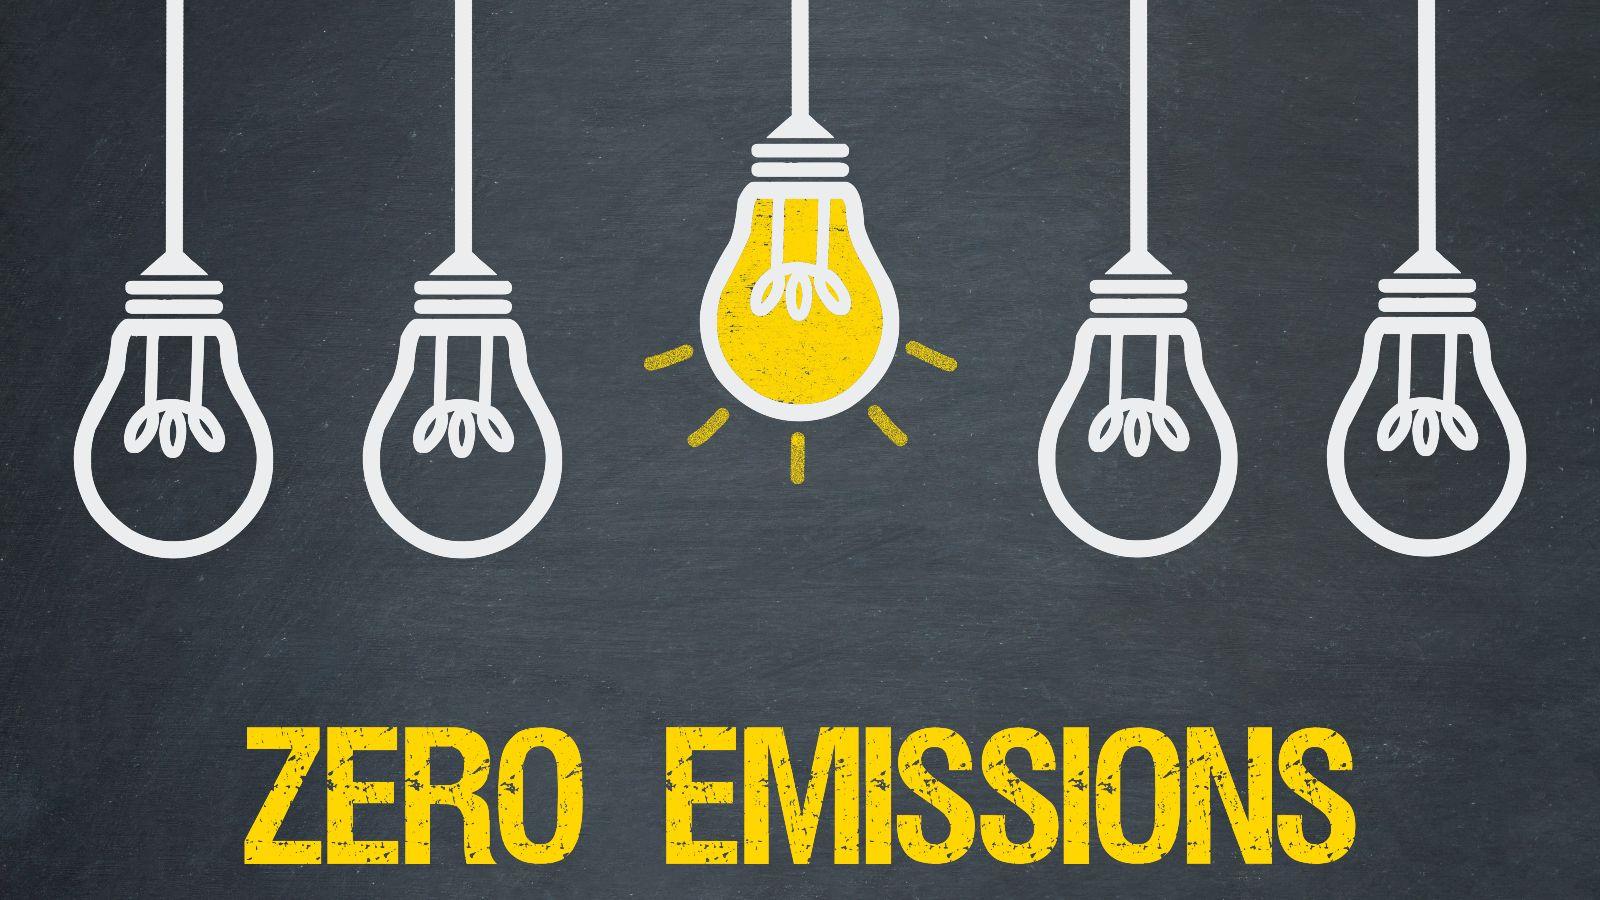 Fünf gezeichnete Glühbirnen hängen vor dunkelgrauem Grund, die mittlere ist erleuchtet, darunter steht der Schriftzug: Zero Emissions